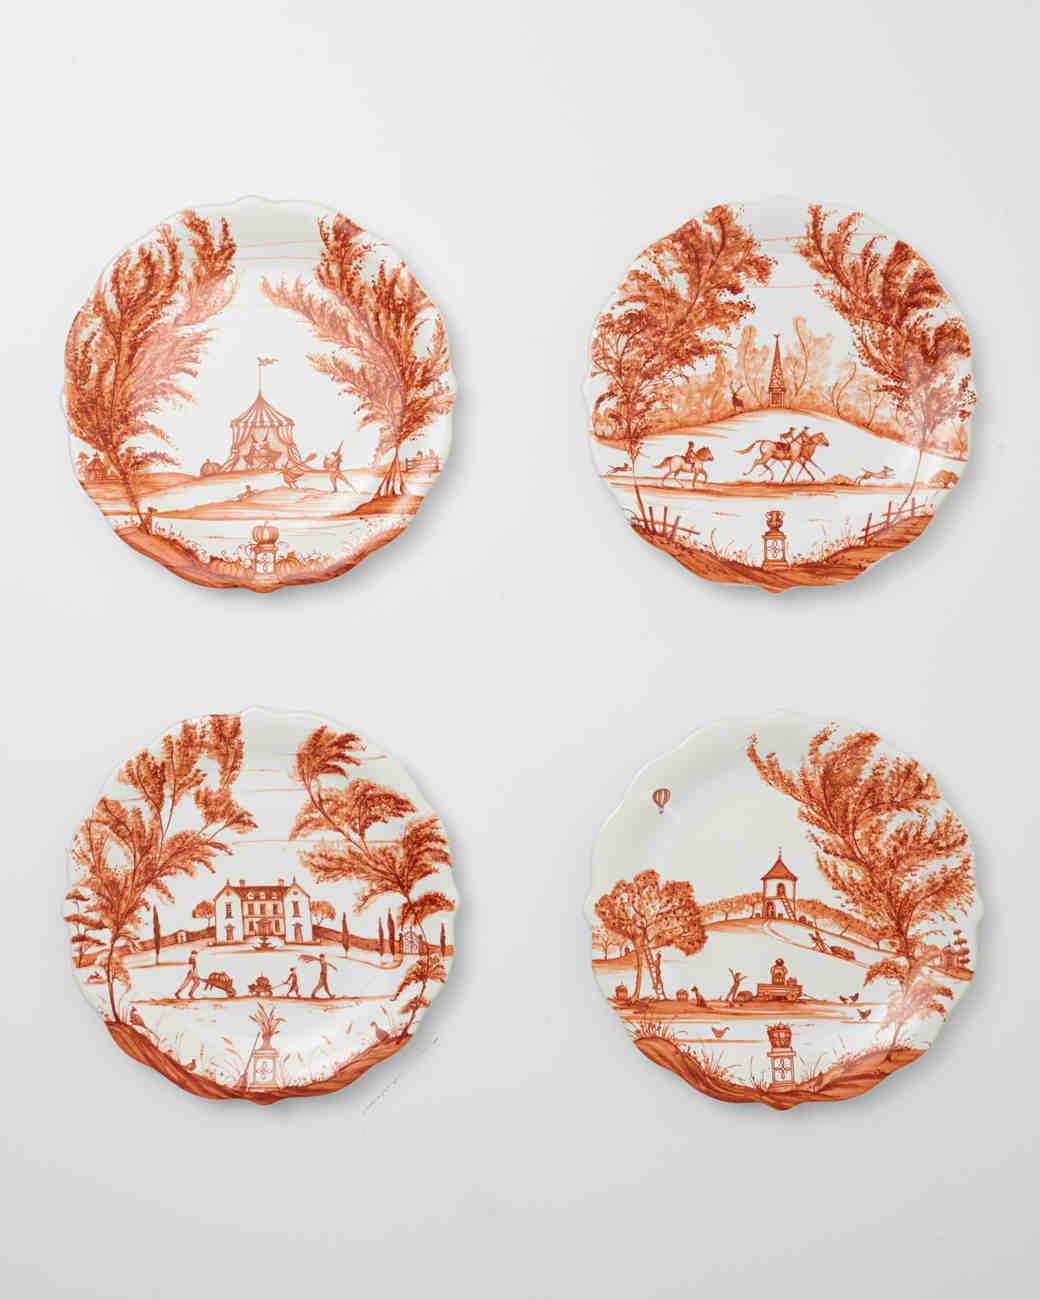 china-registry-vintage-charm-juliska-country-estate-dinnerware-001-d111317-1014.jpg